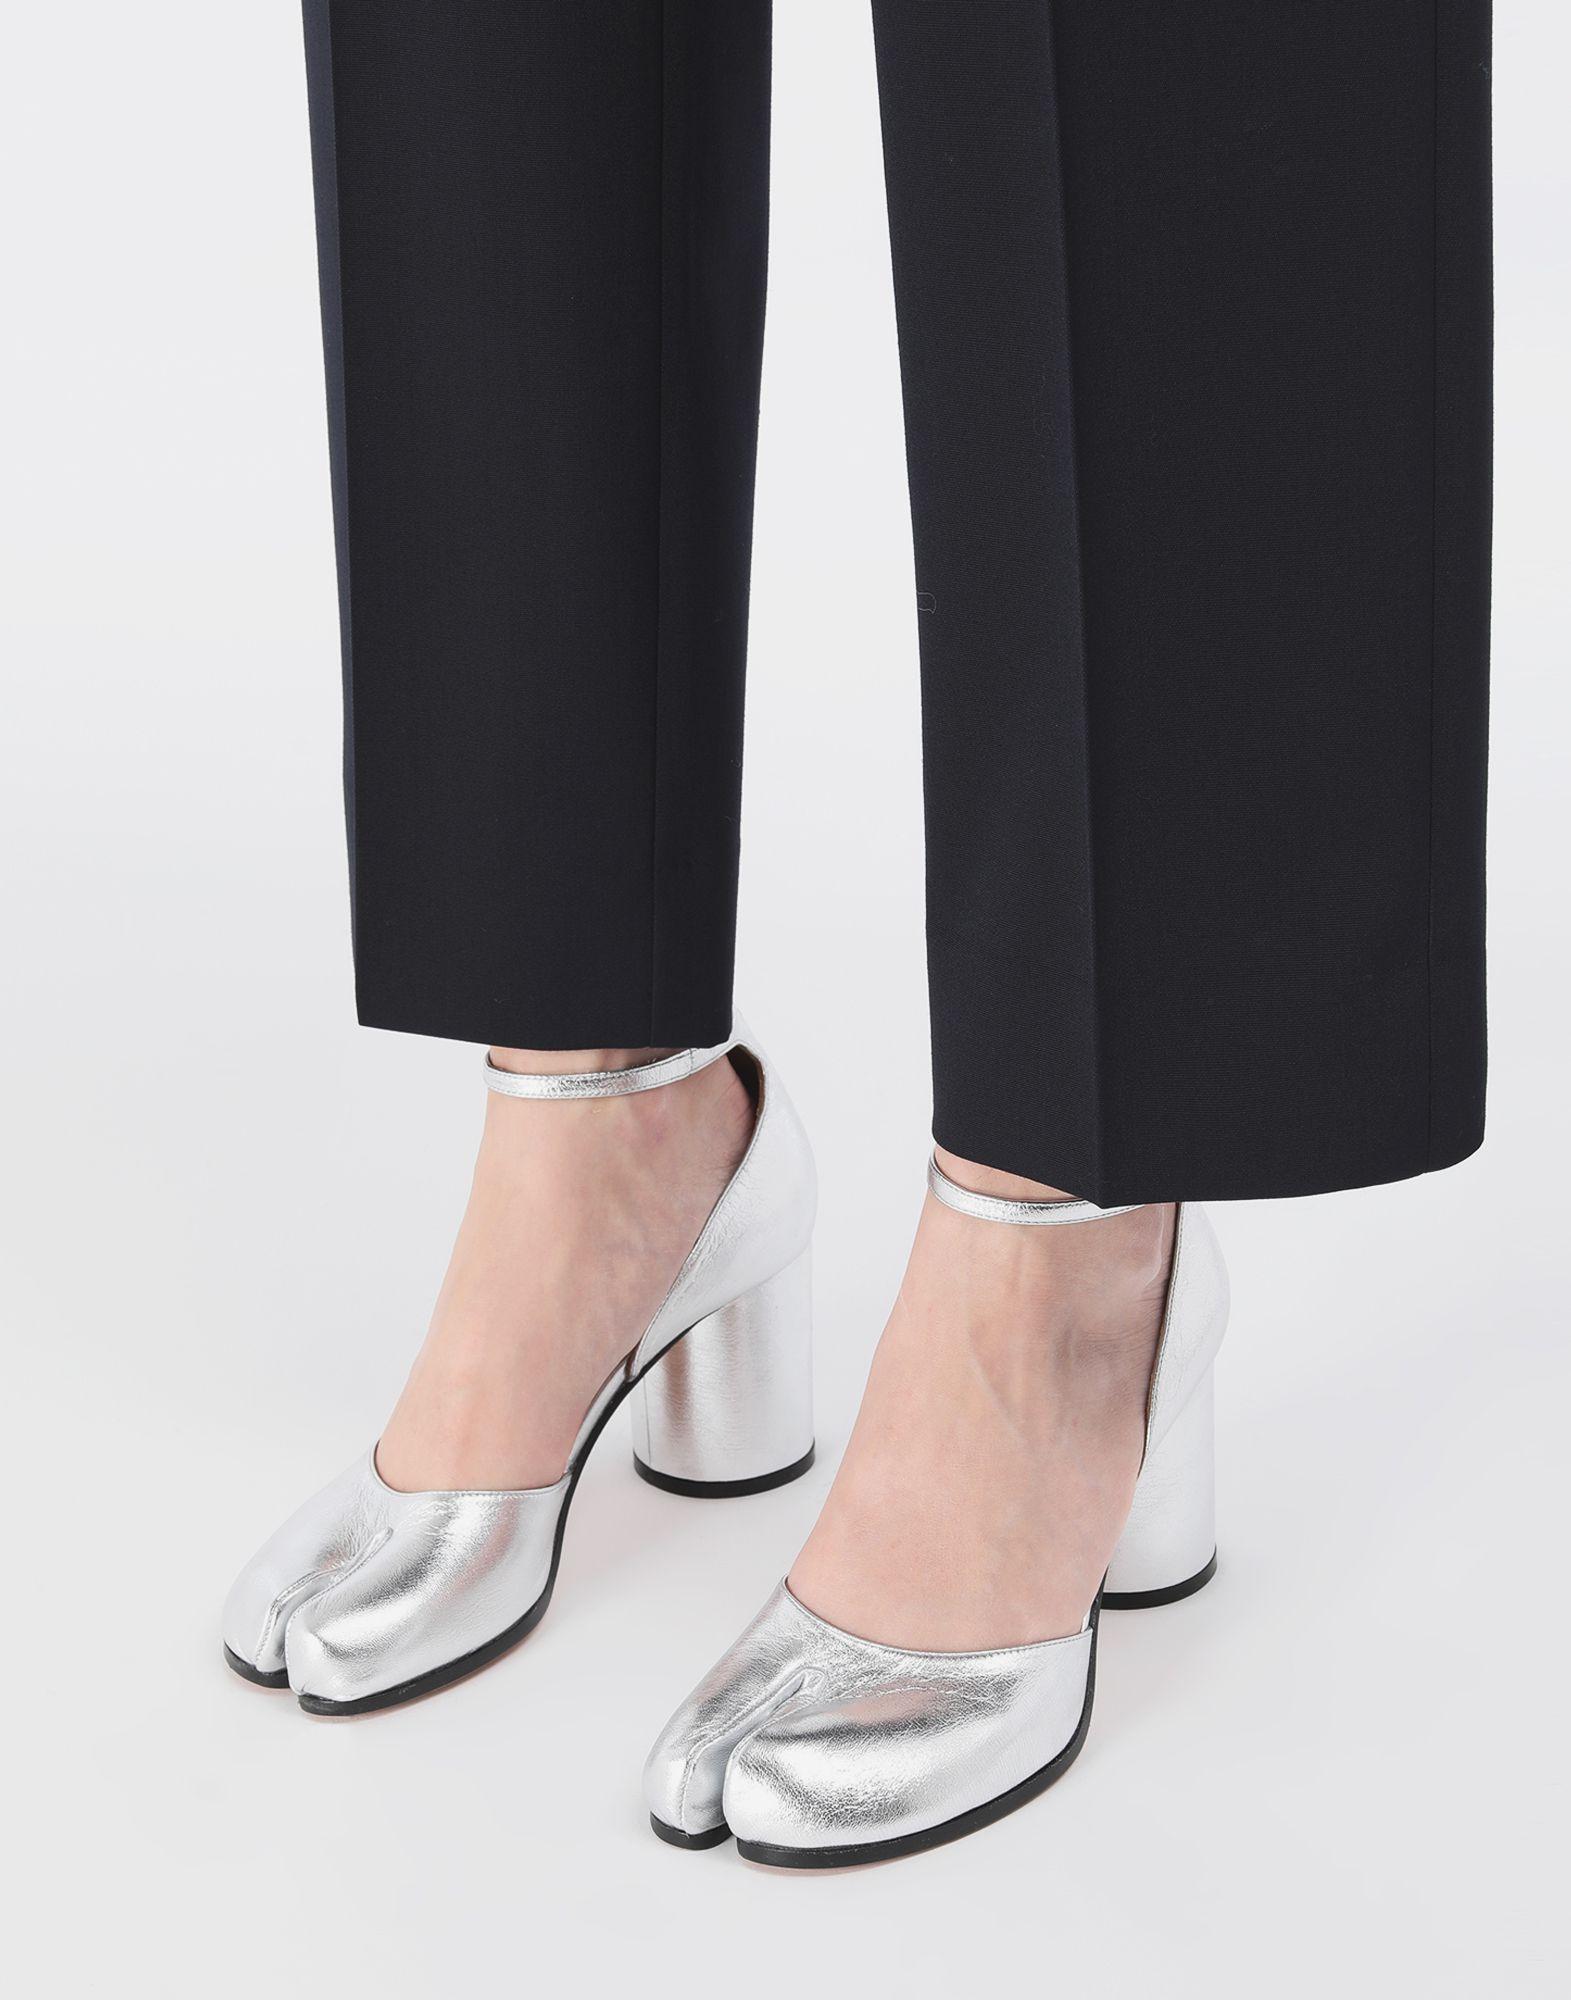 MAISON MARGIELA Sandales Tabi argentées Escarpins Tabi Femme r